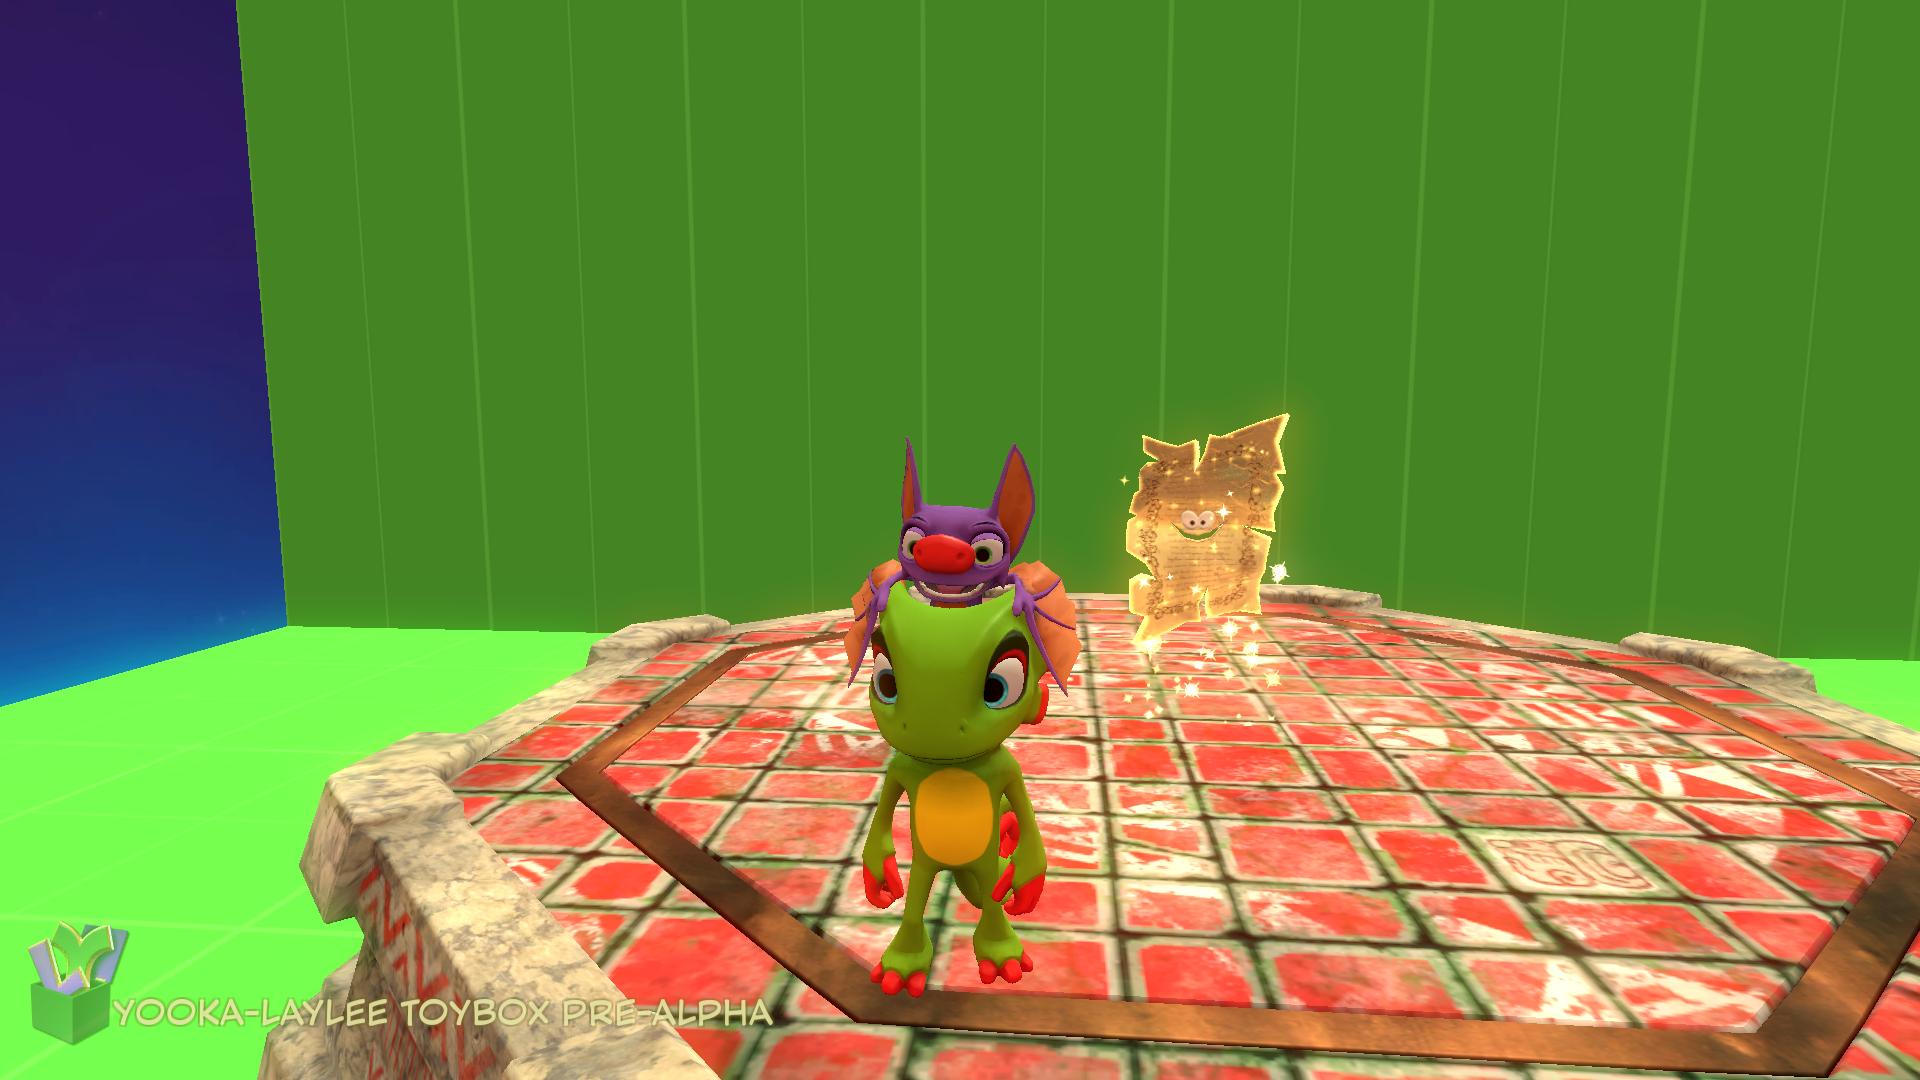 Yooka-Laylee-Toybox-Screenshot-04